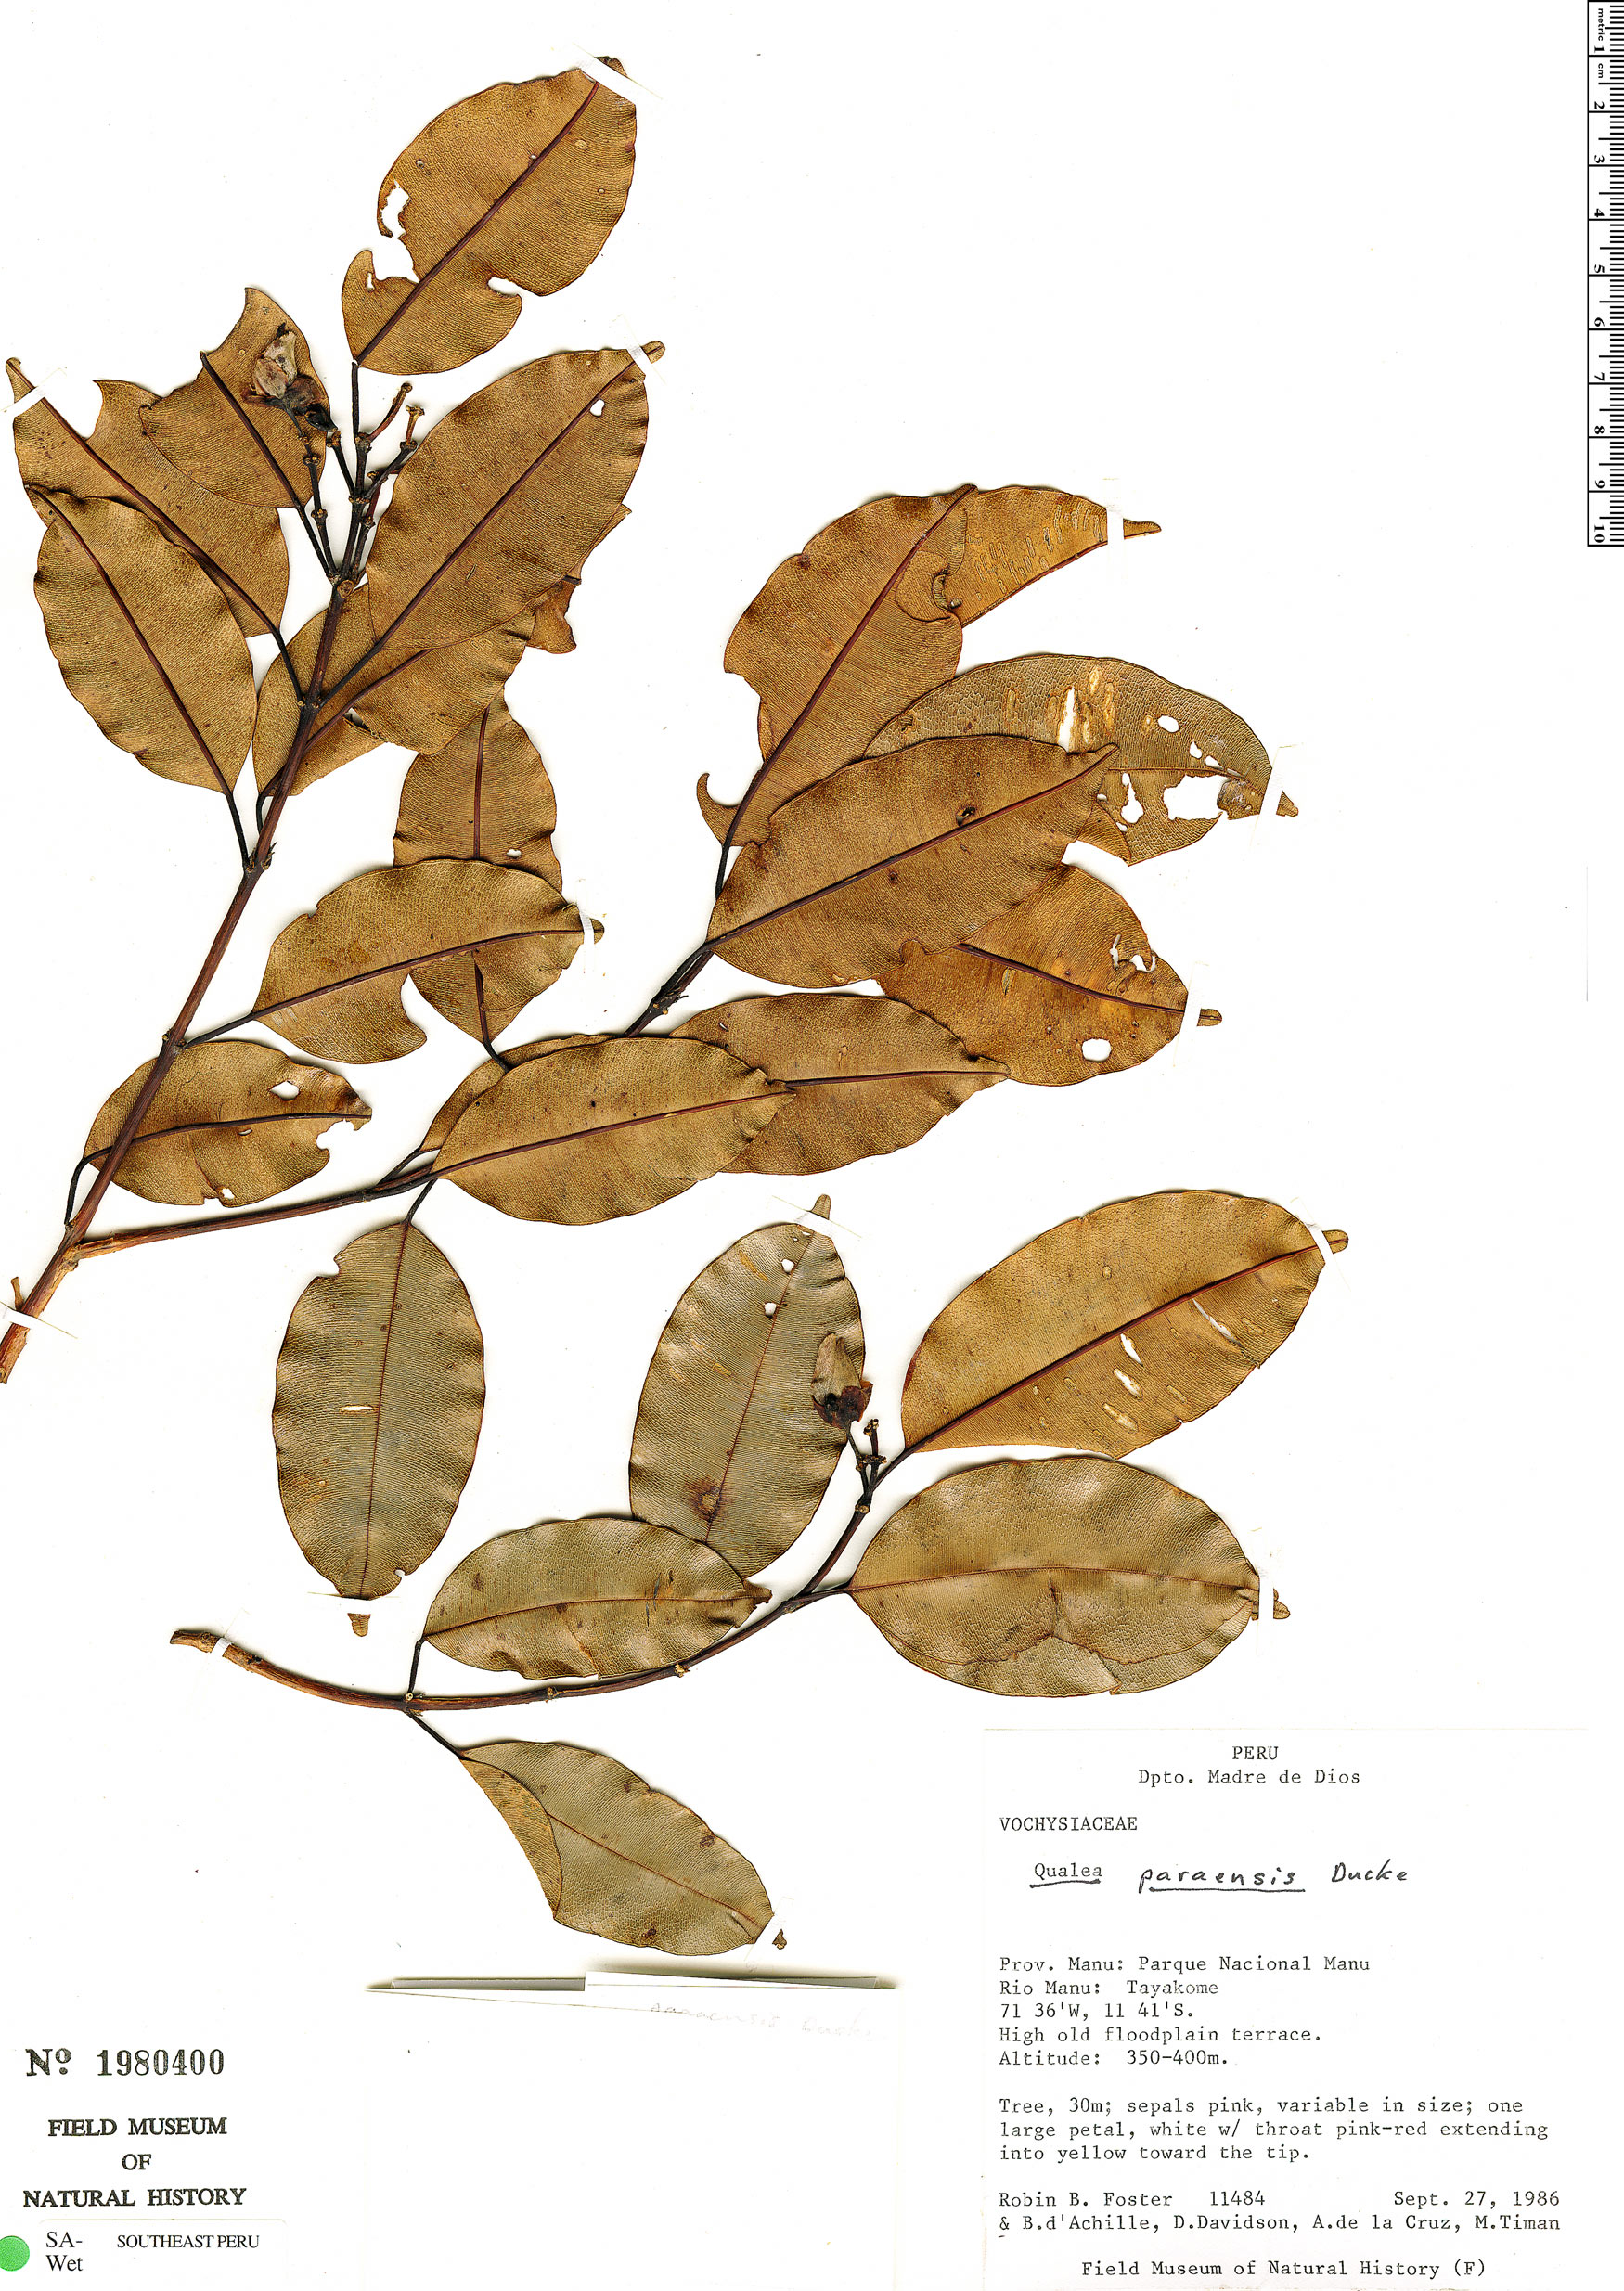 Specimen: Qualea paraensis